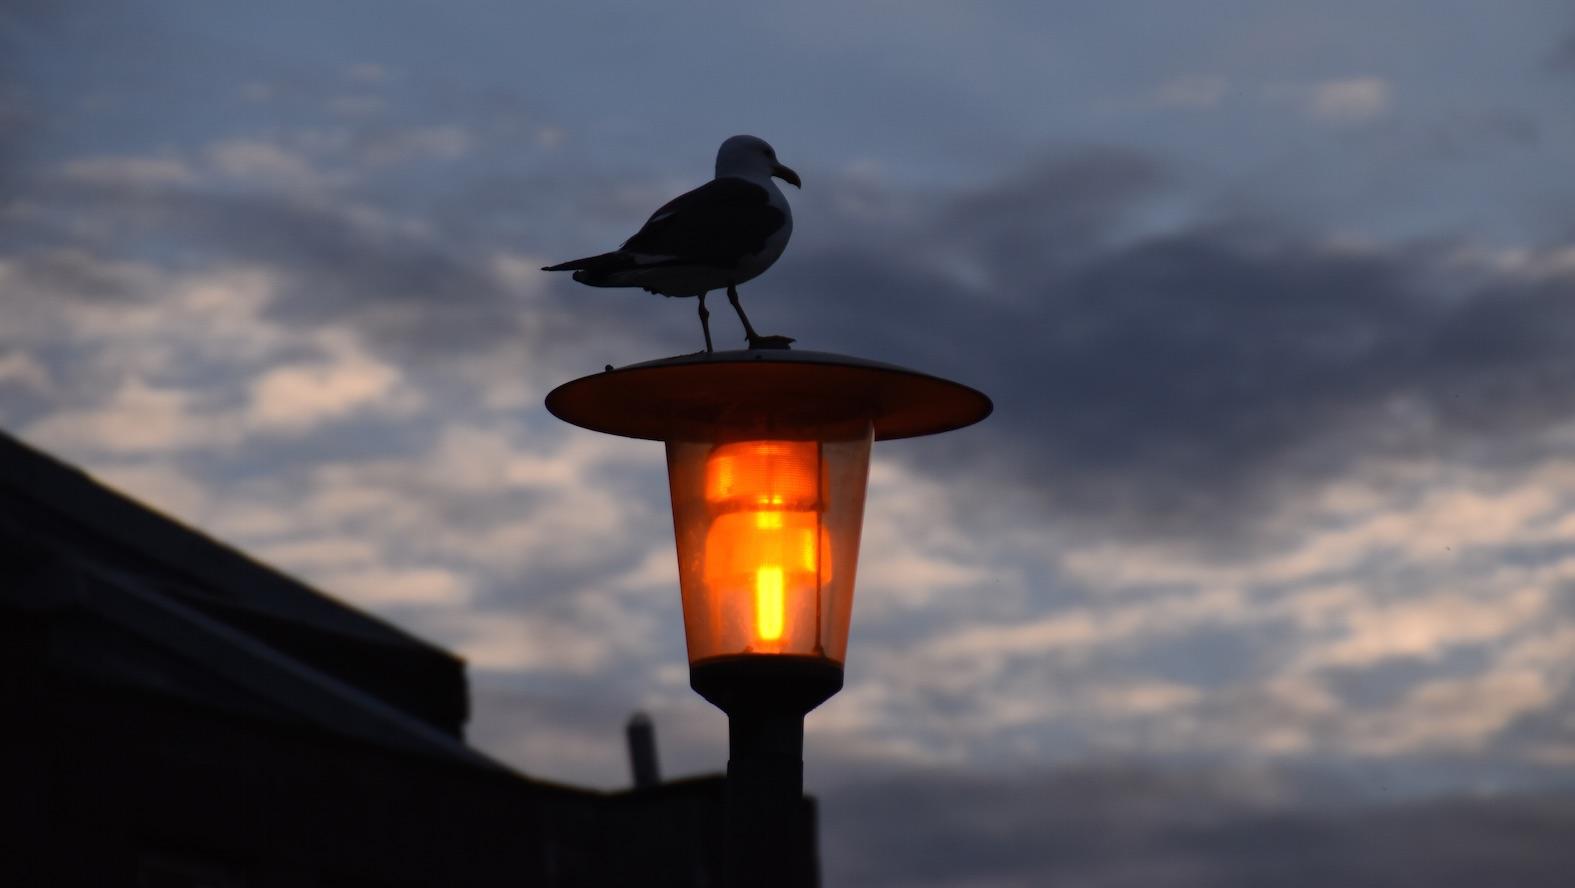 Lokki lampun päällä